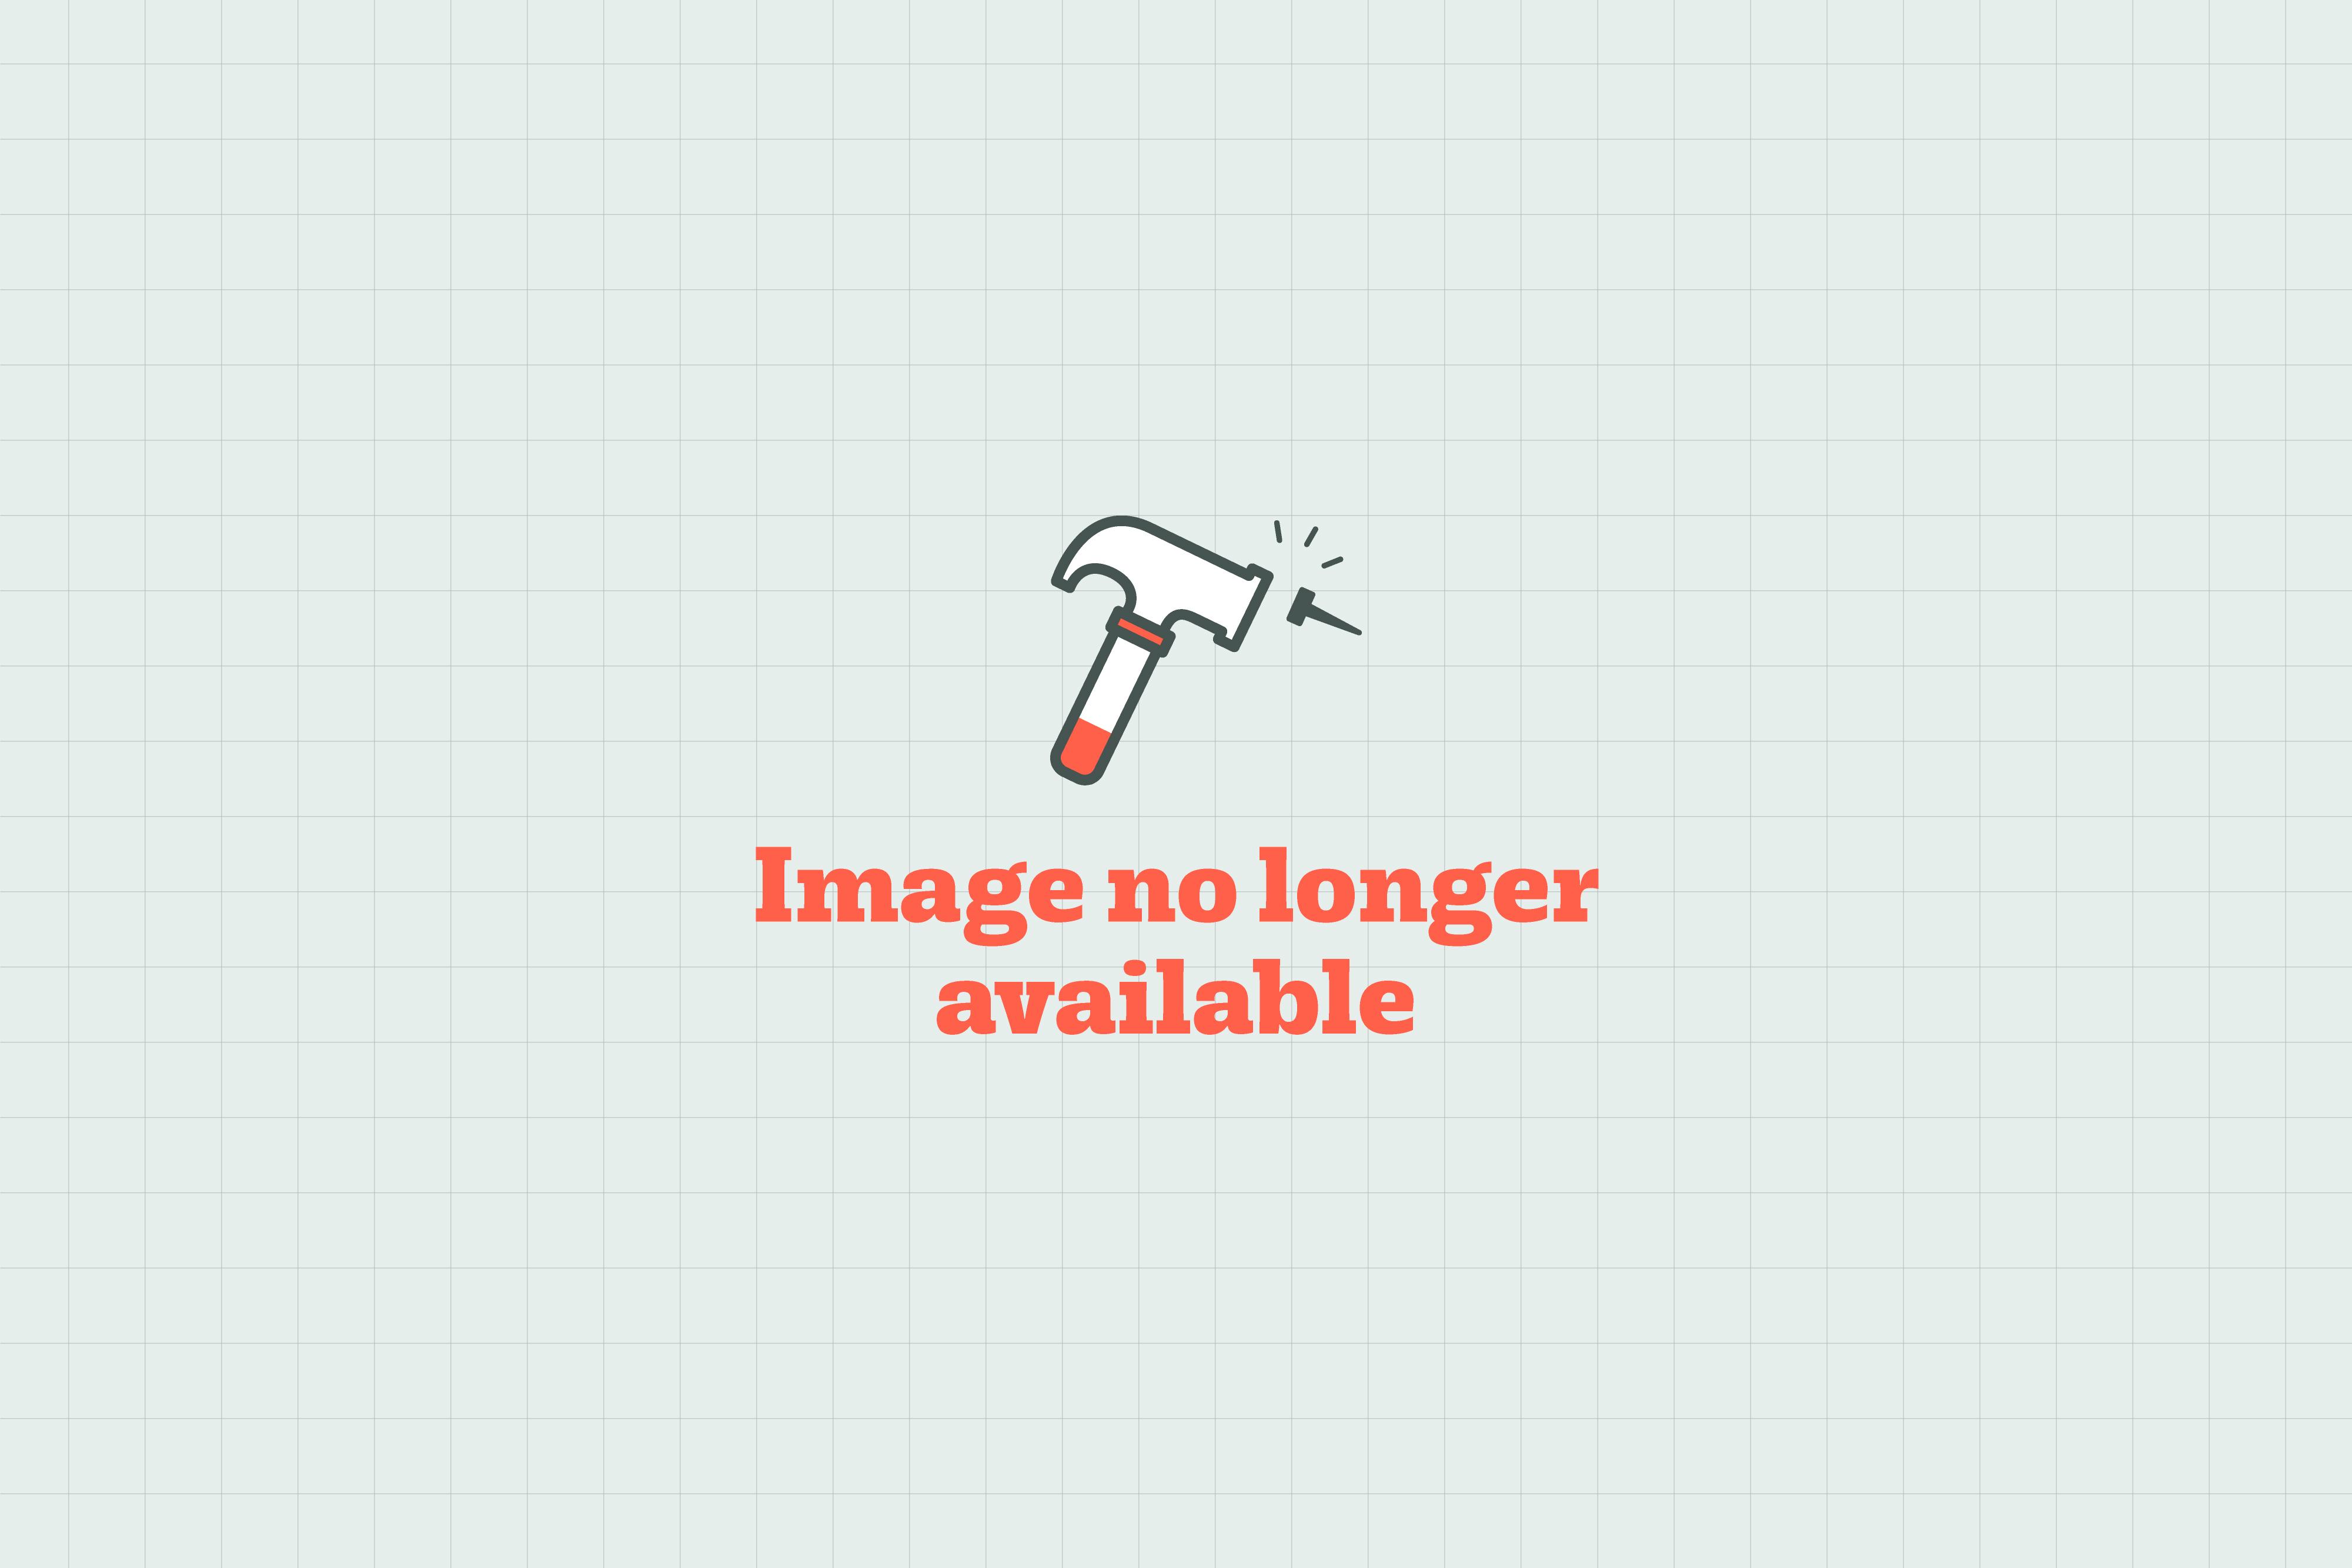 dt keygen logixpro download